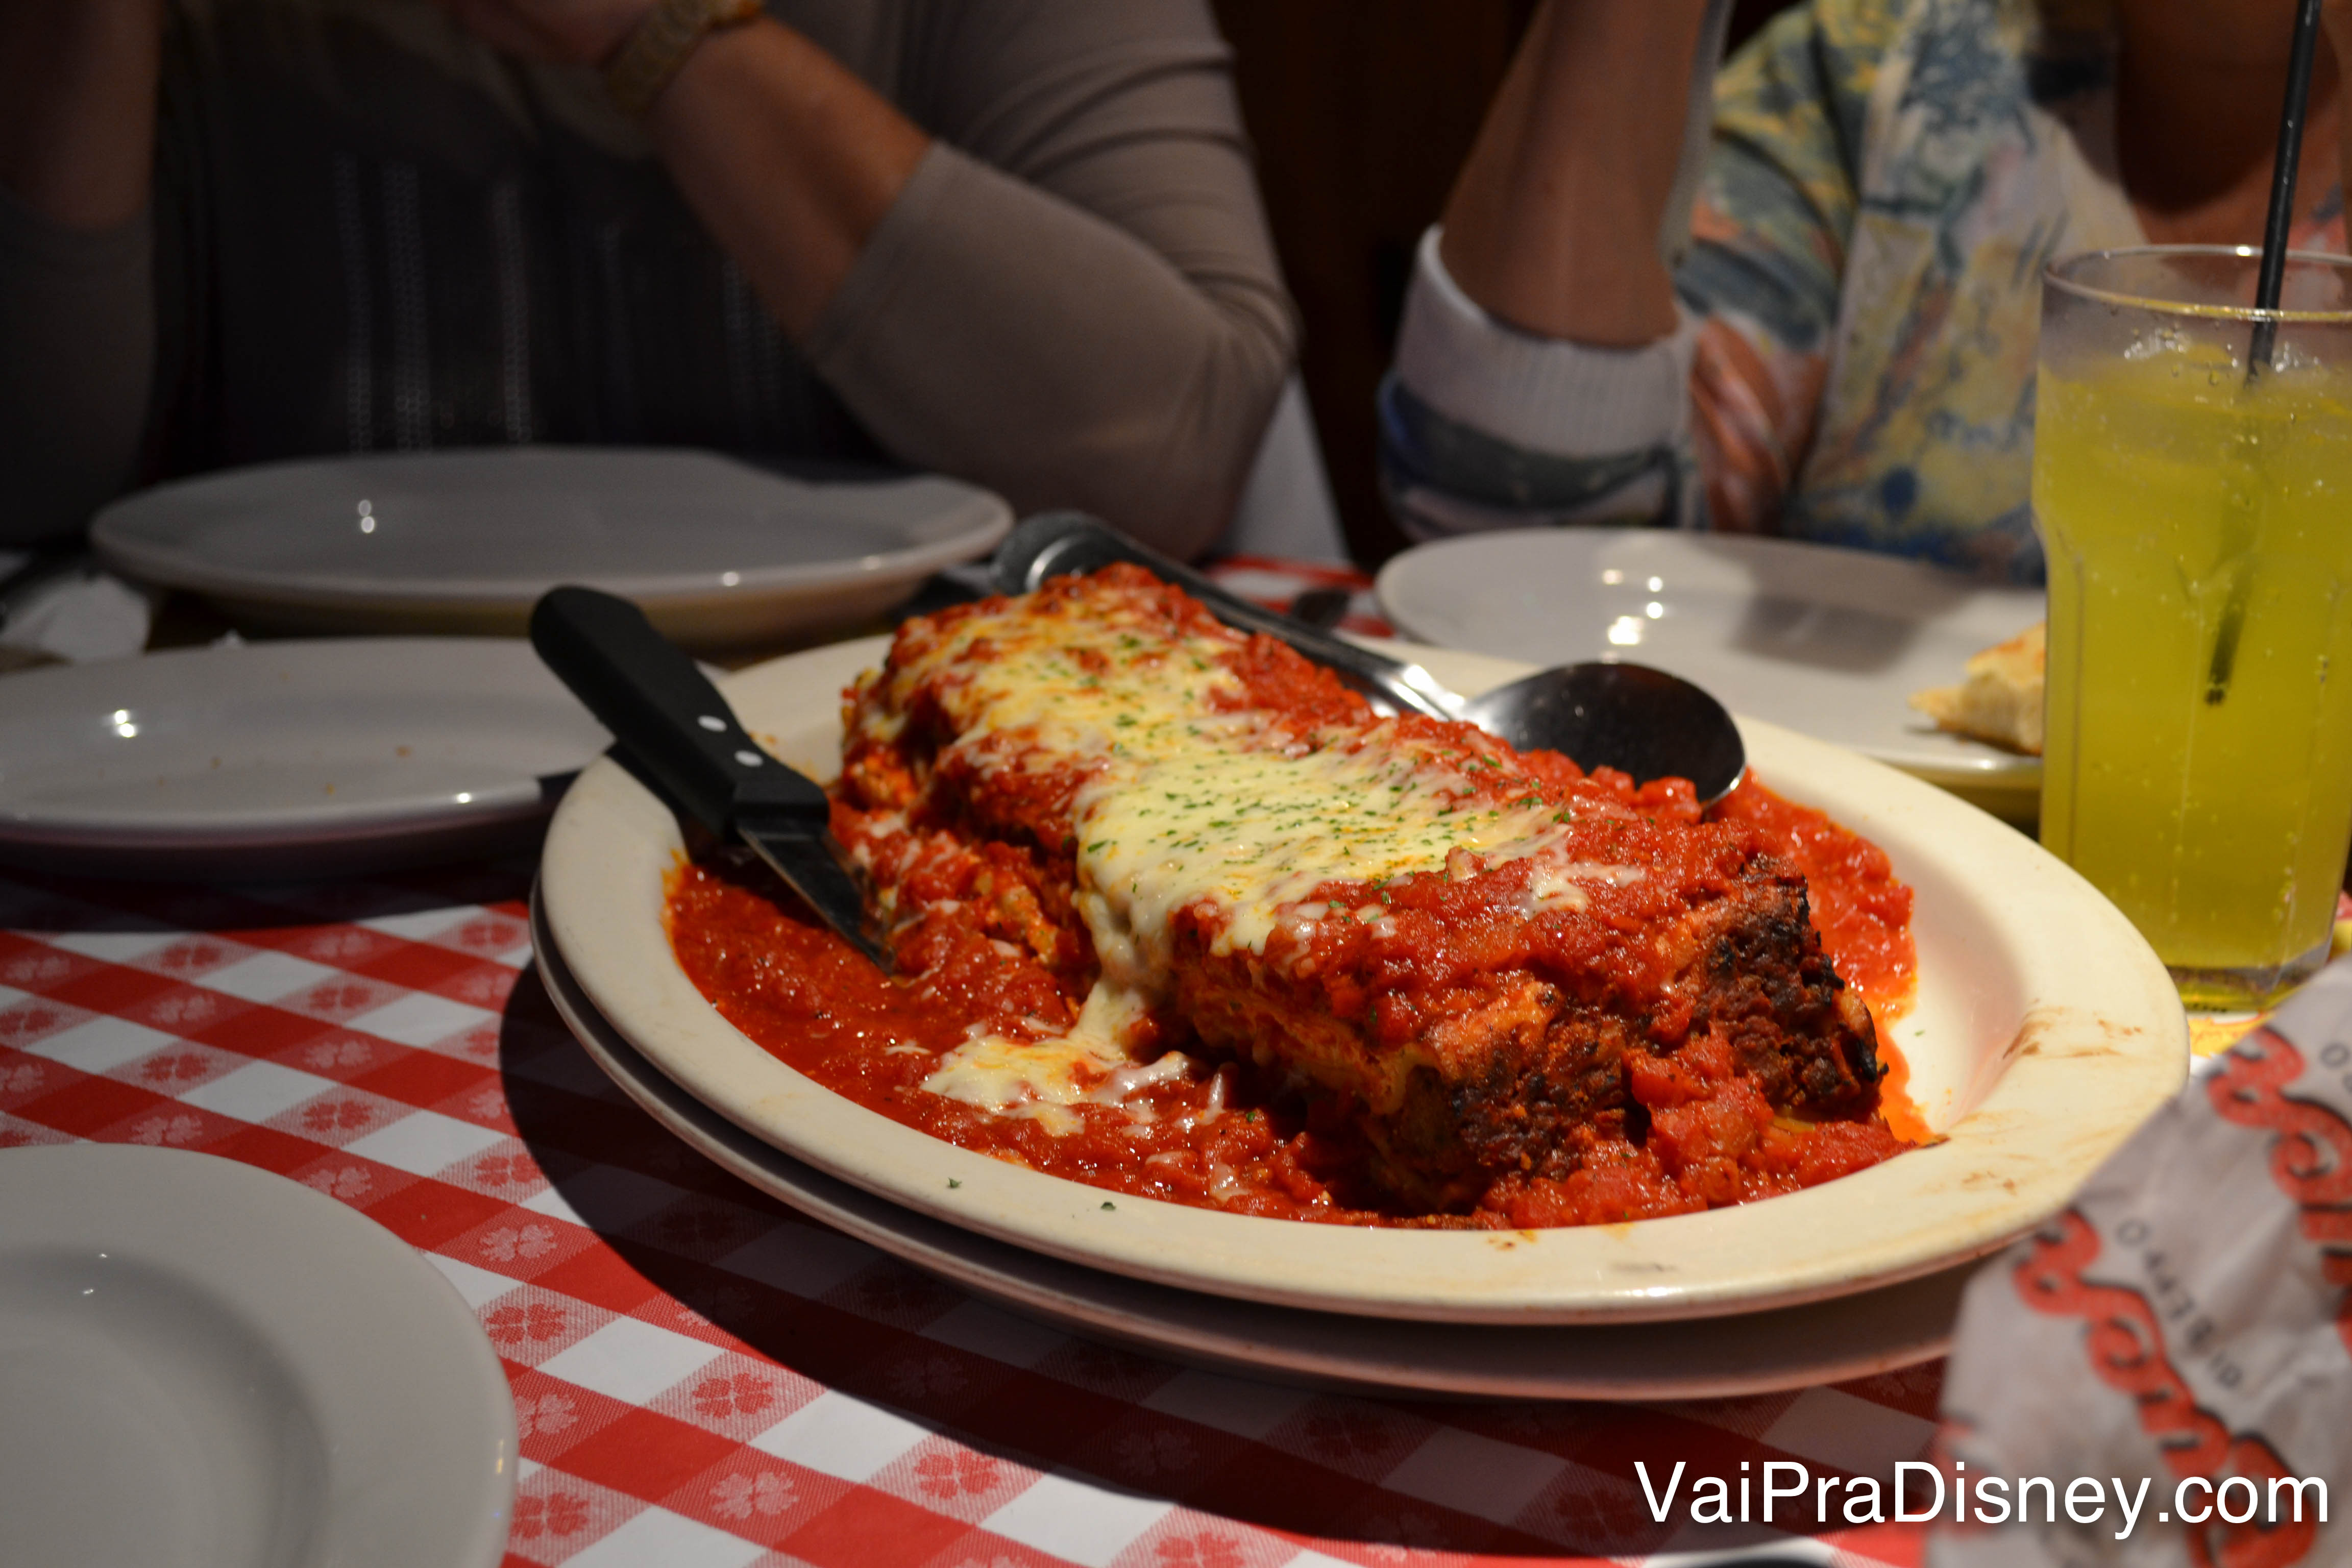 Foto da lasanha do Bucca di Beppo, com muito molho e queijo em cima